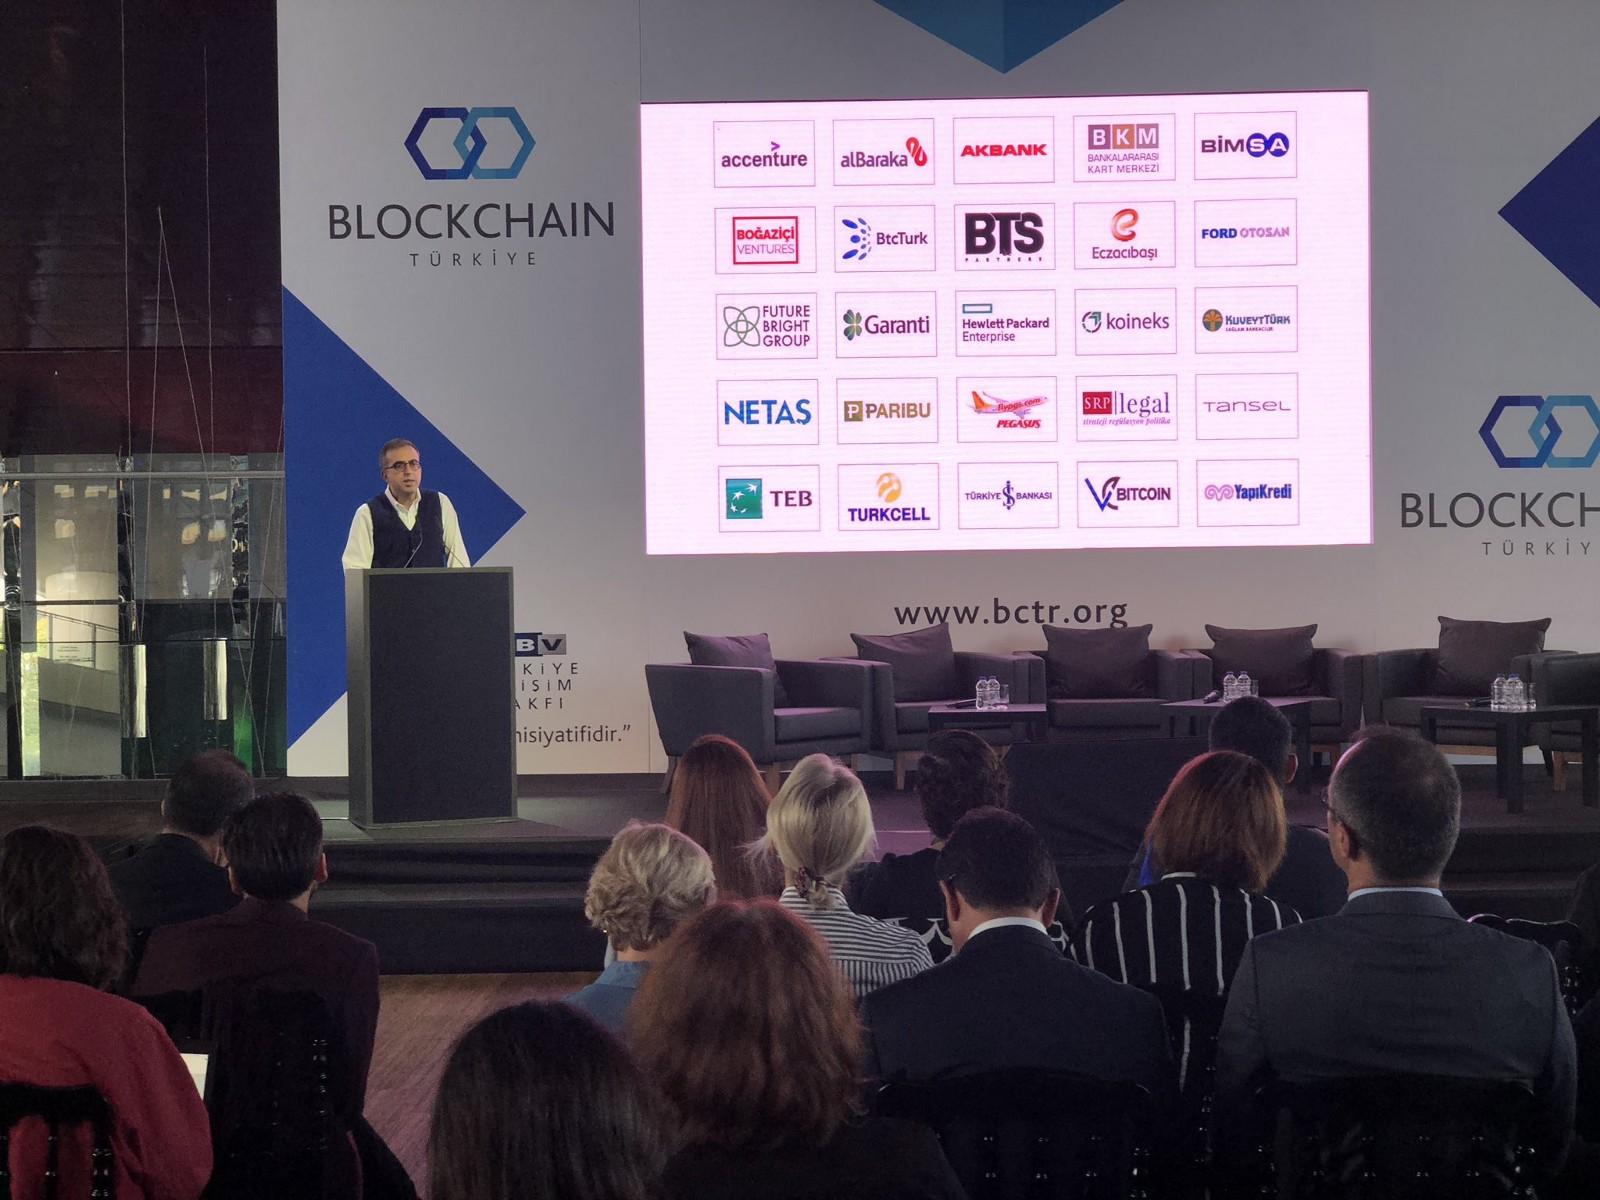 BKM Genel Müdürü Soner Canko, Blockchain serüvenini anlattı